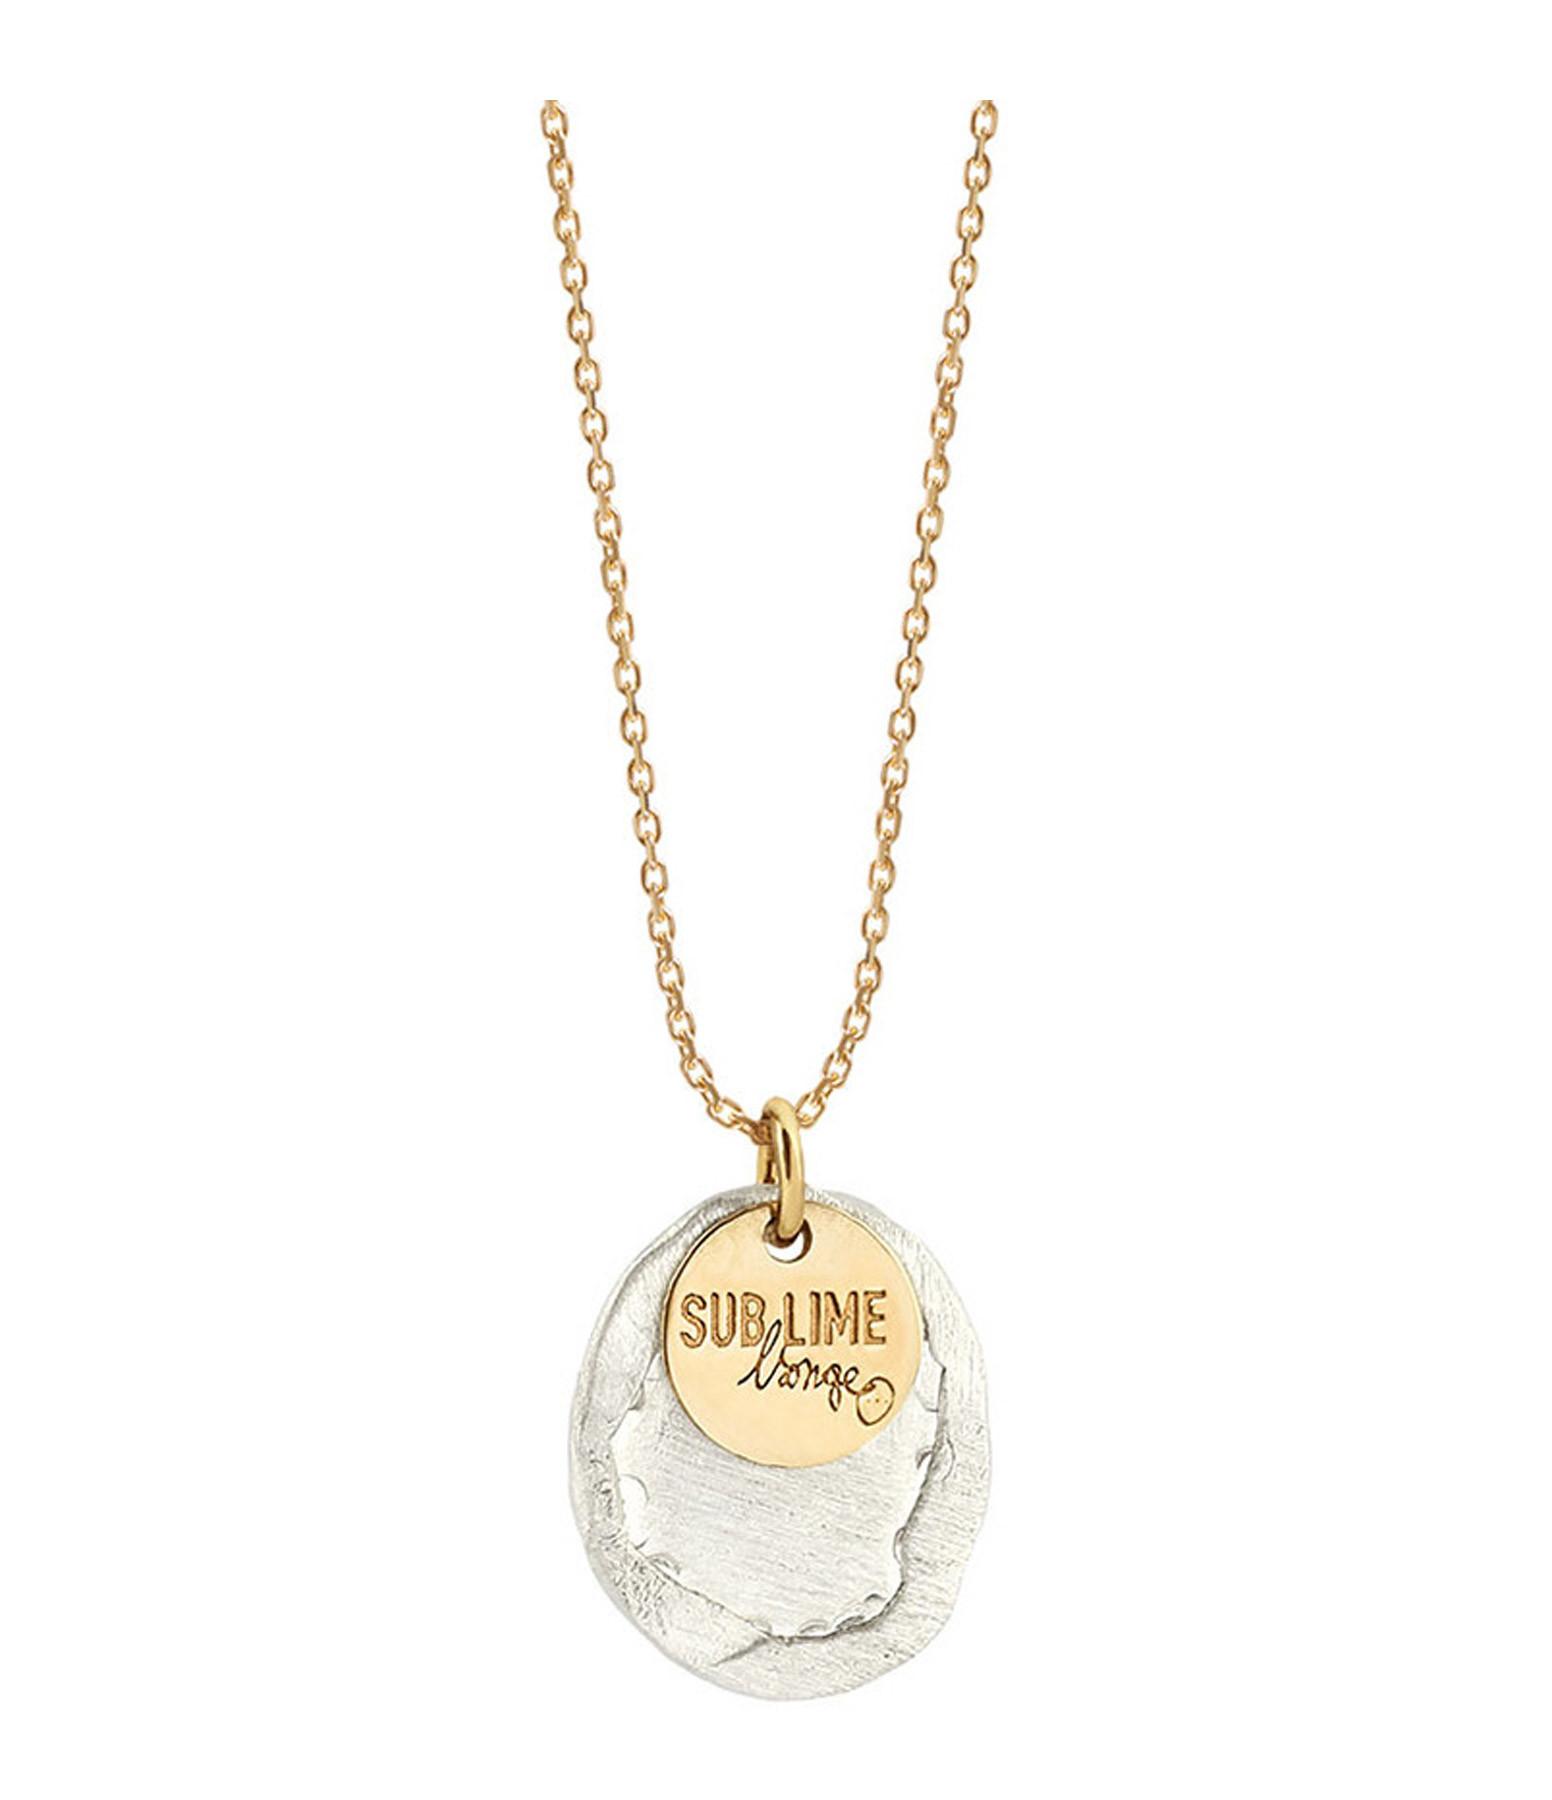 LSONGE - Collier Sublime Médaille M Argent Or